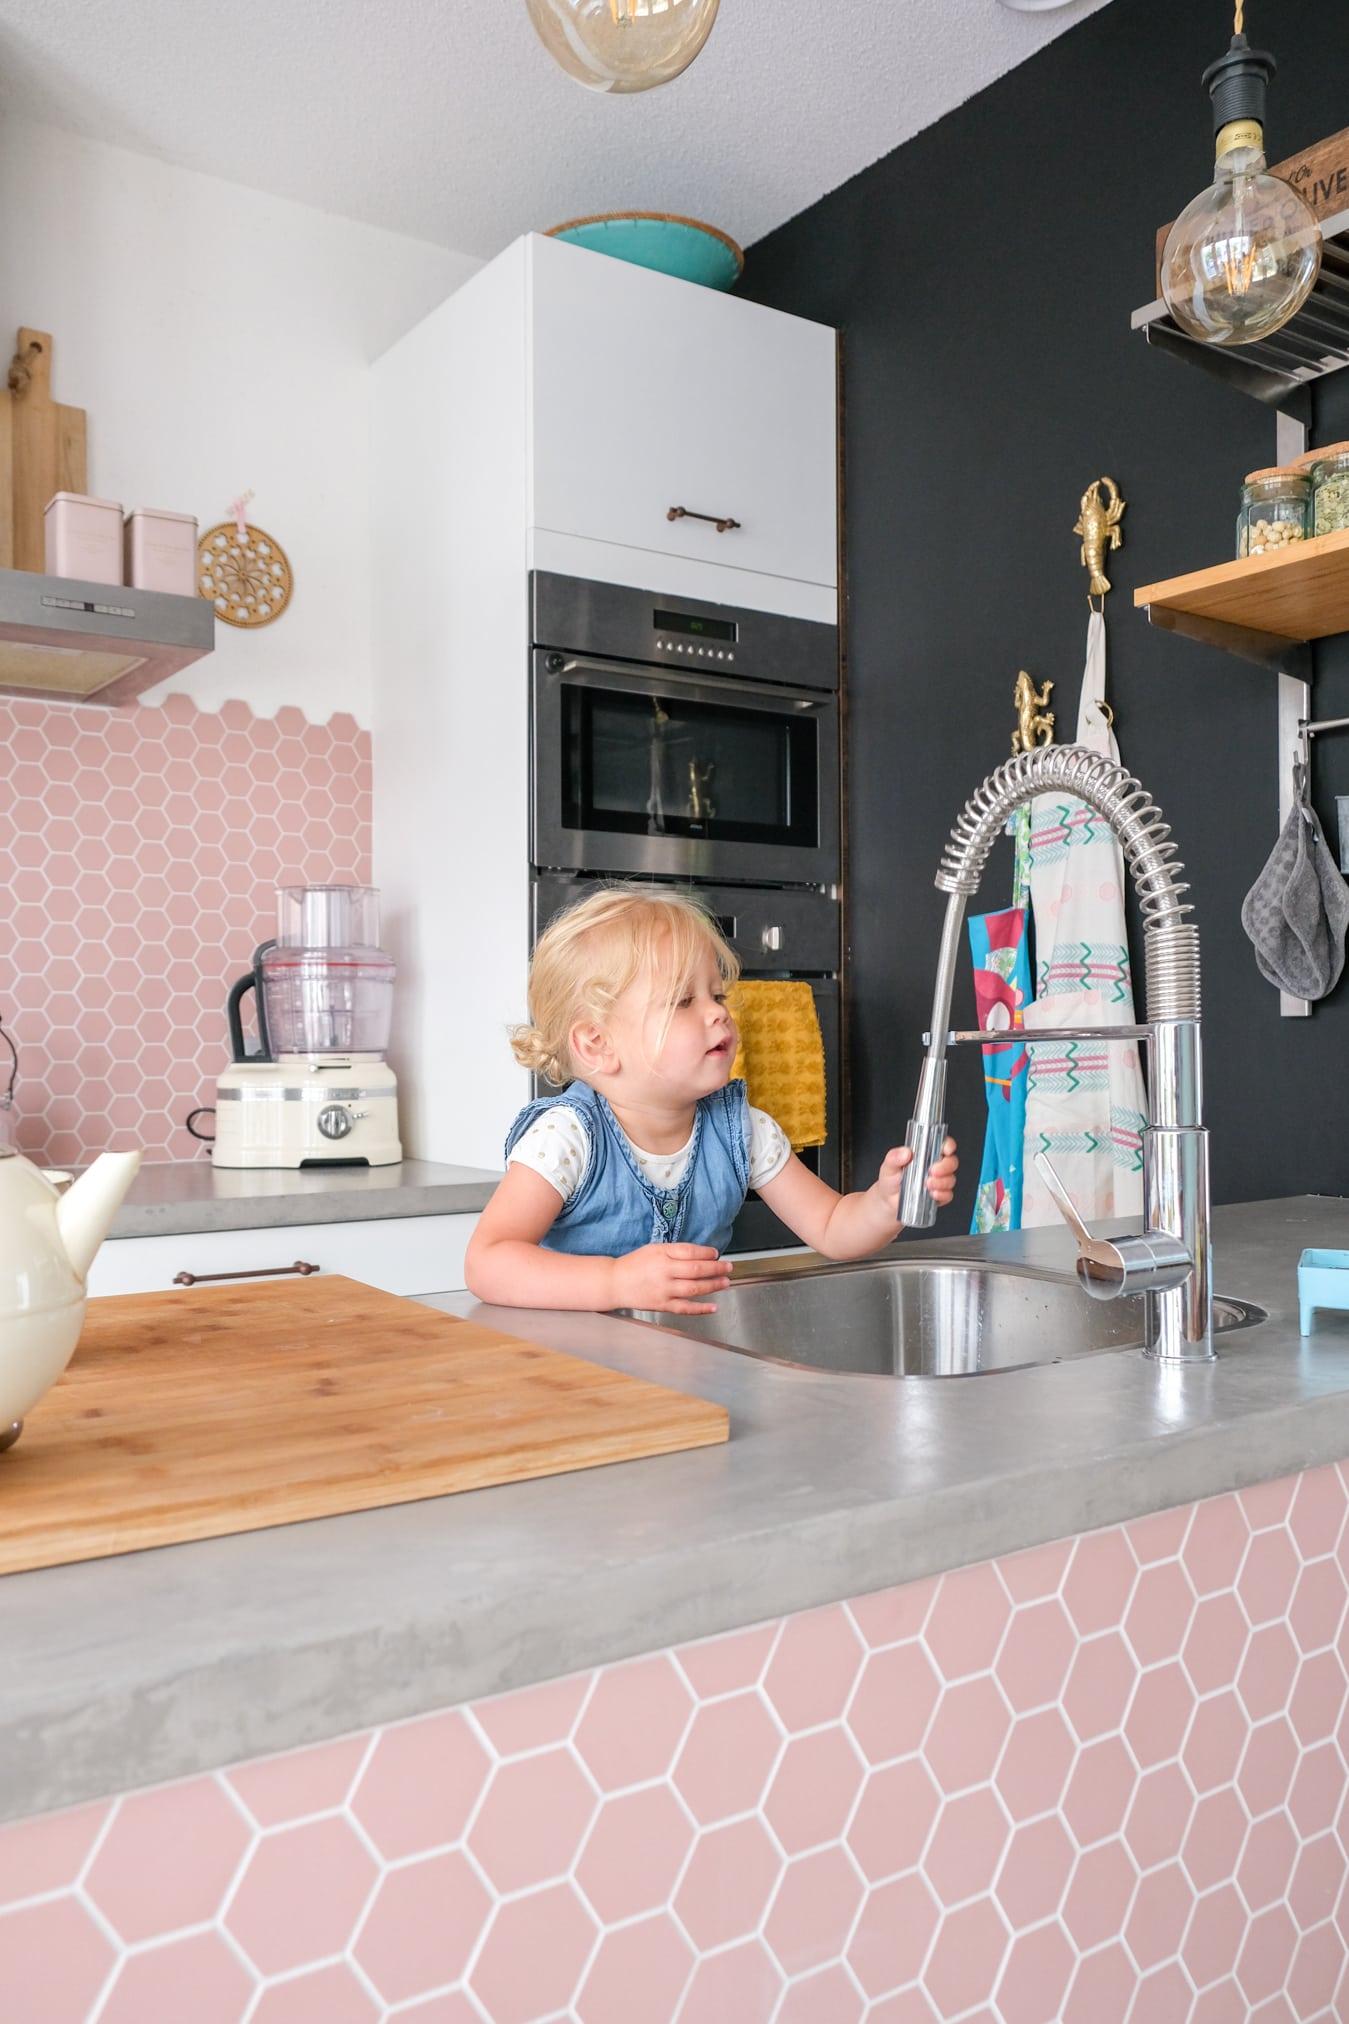 kindvriendelijke keukenkraan